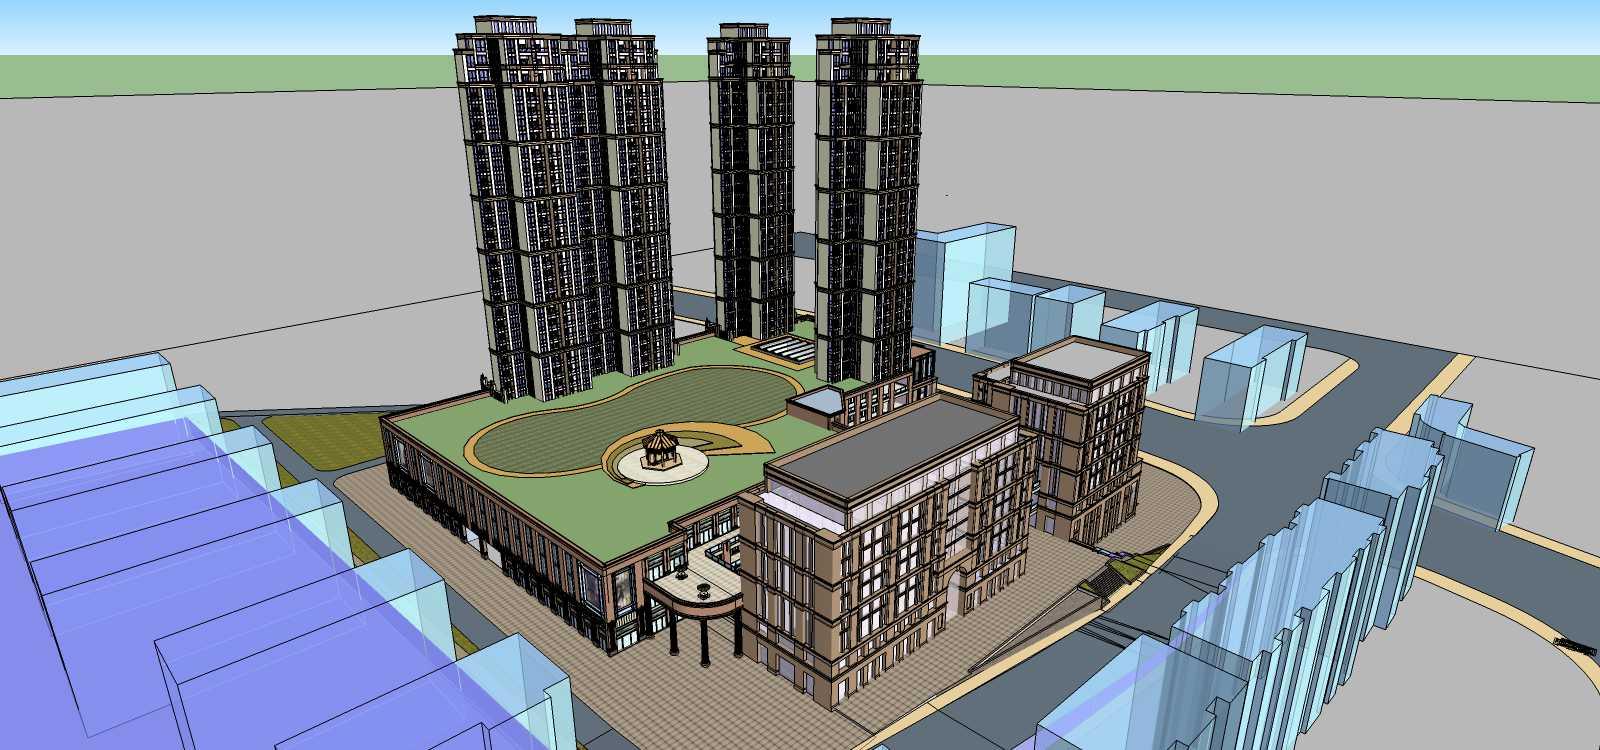 龙湖欧式商业住宅小区